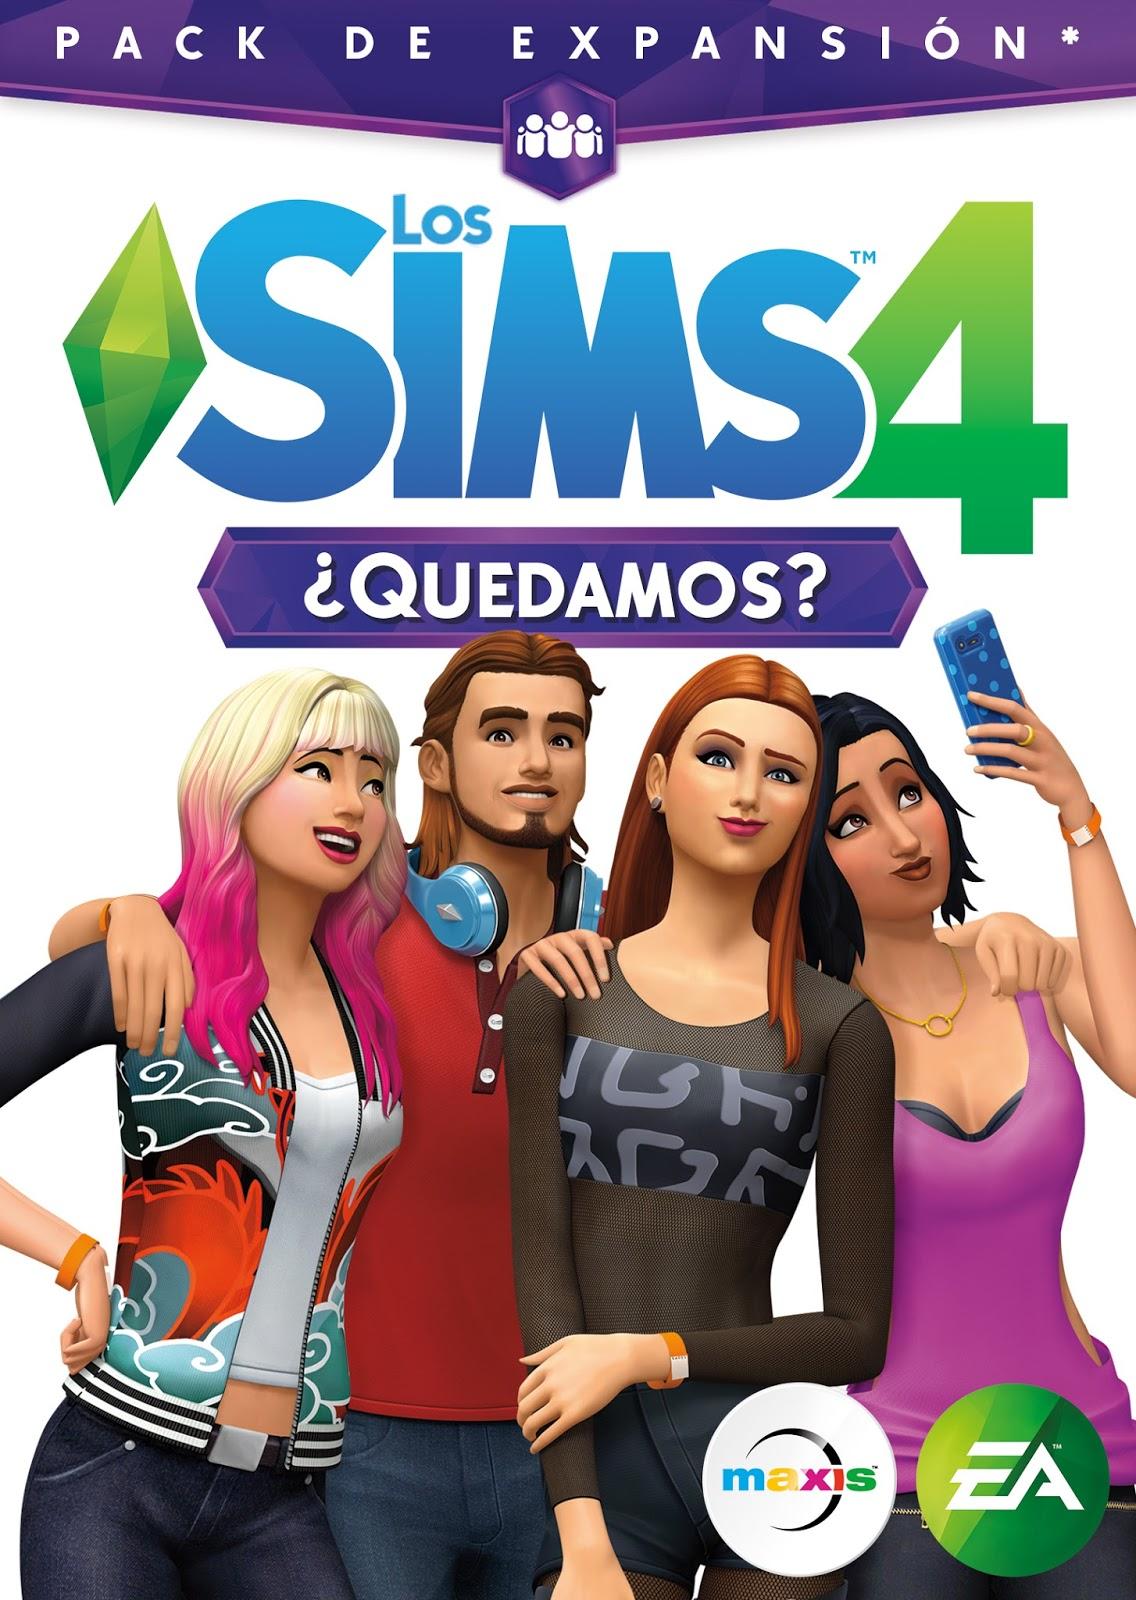 Los Sims 4 ESPAÑOL PC Full Descargar